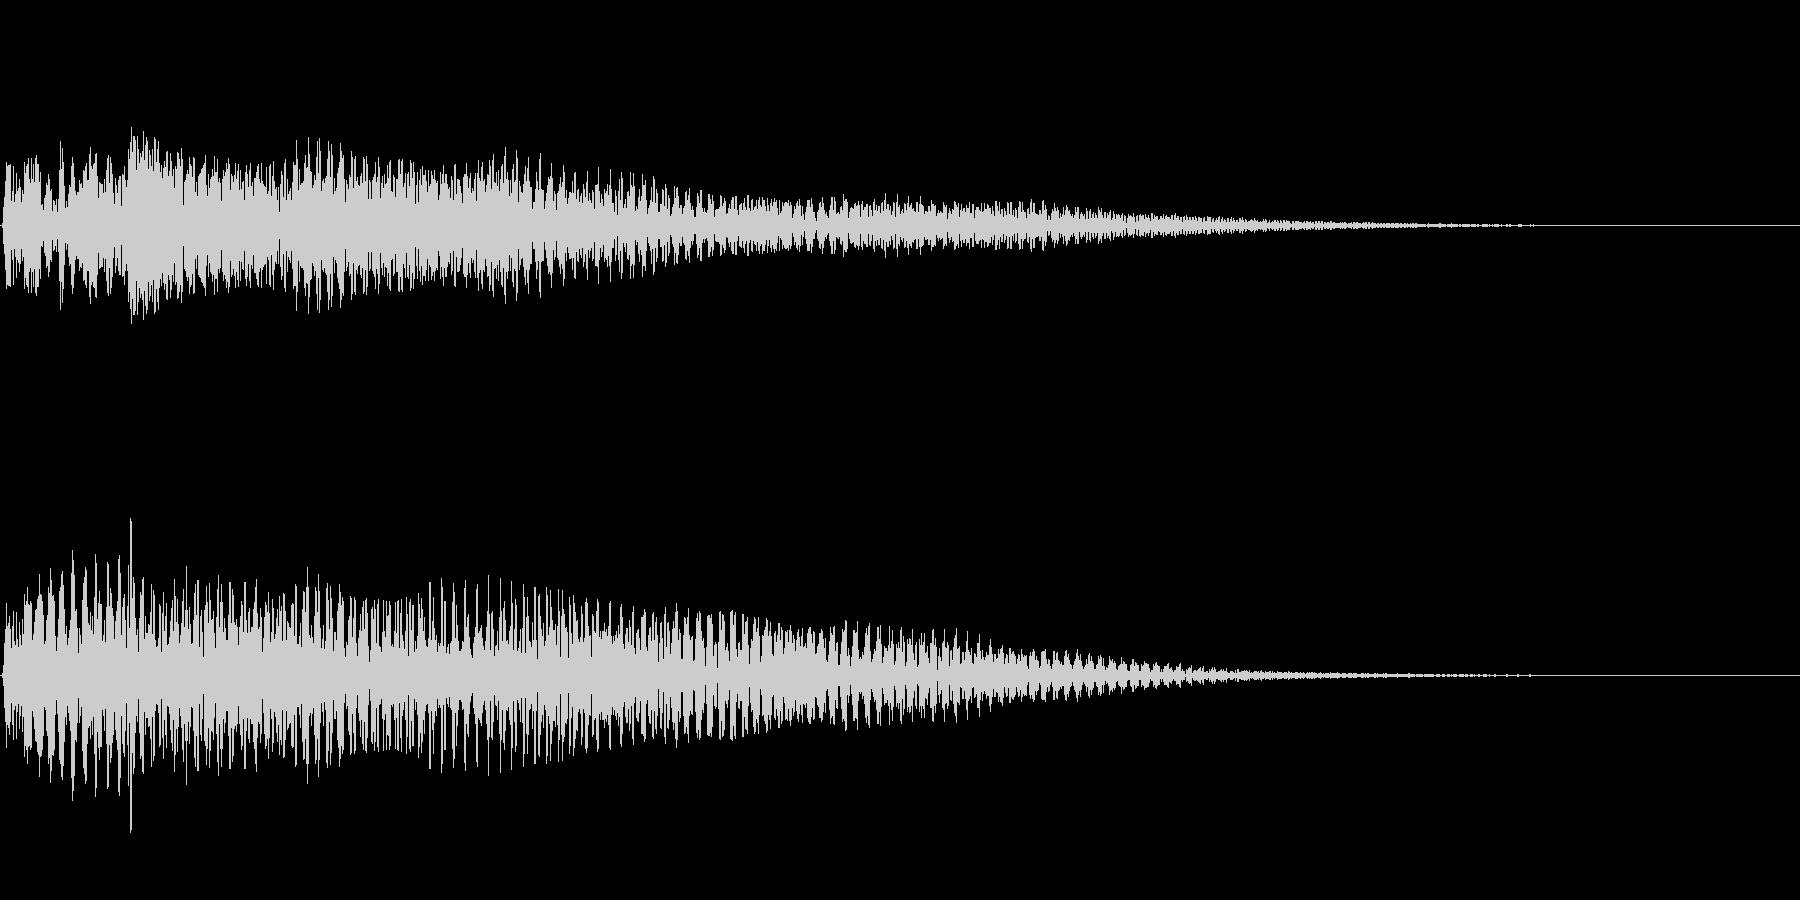 ハープによるスタートアップ音 通知音の未再生の波形